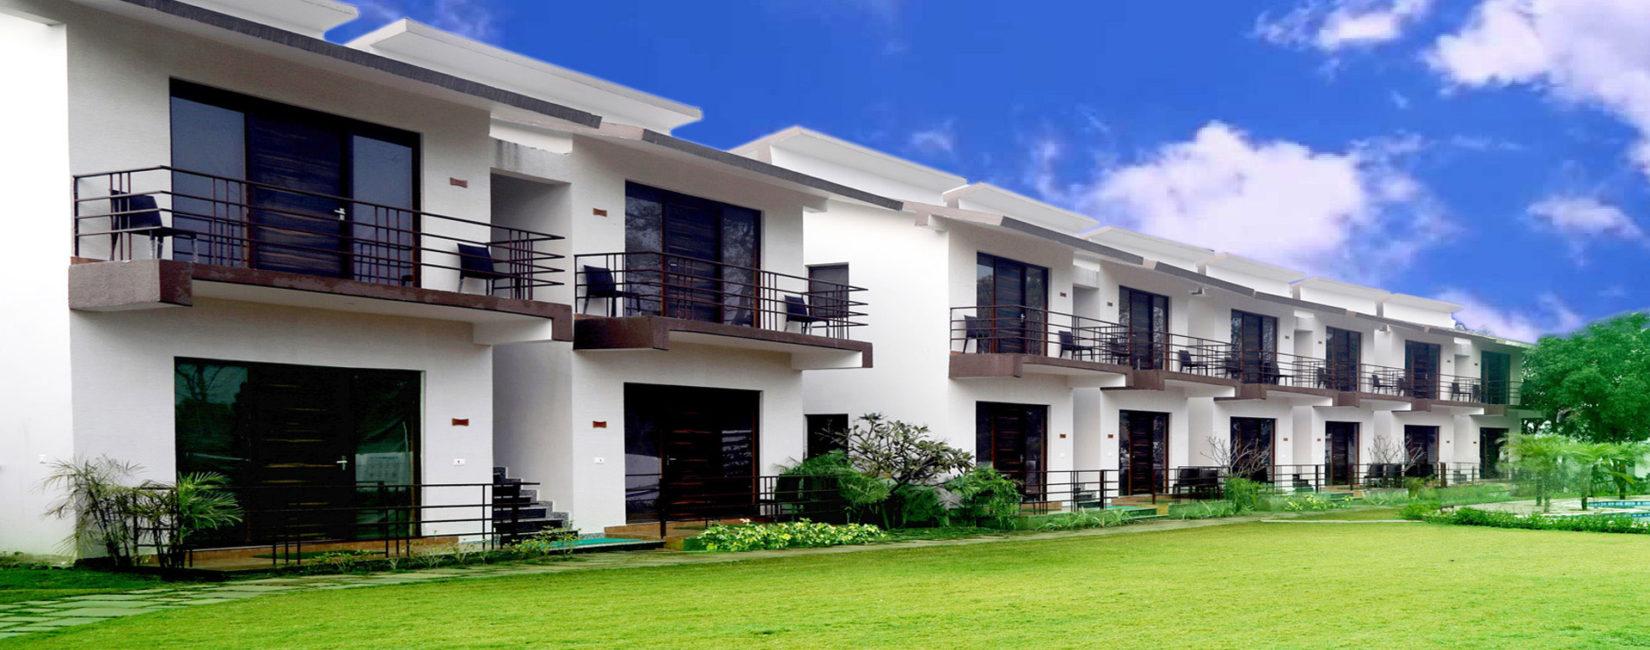 Corbett Panorama Resort -  2 1650x650